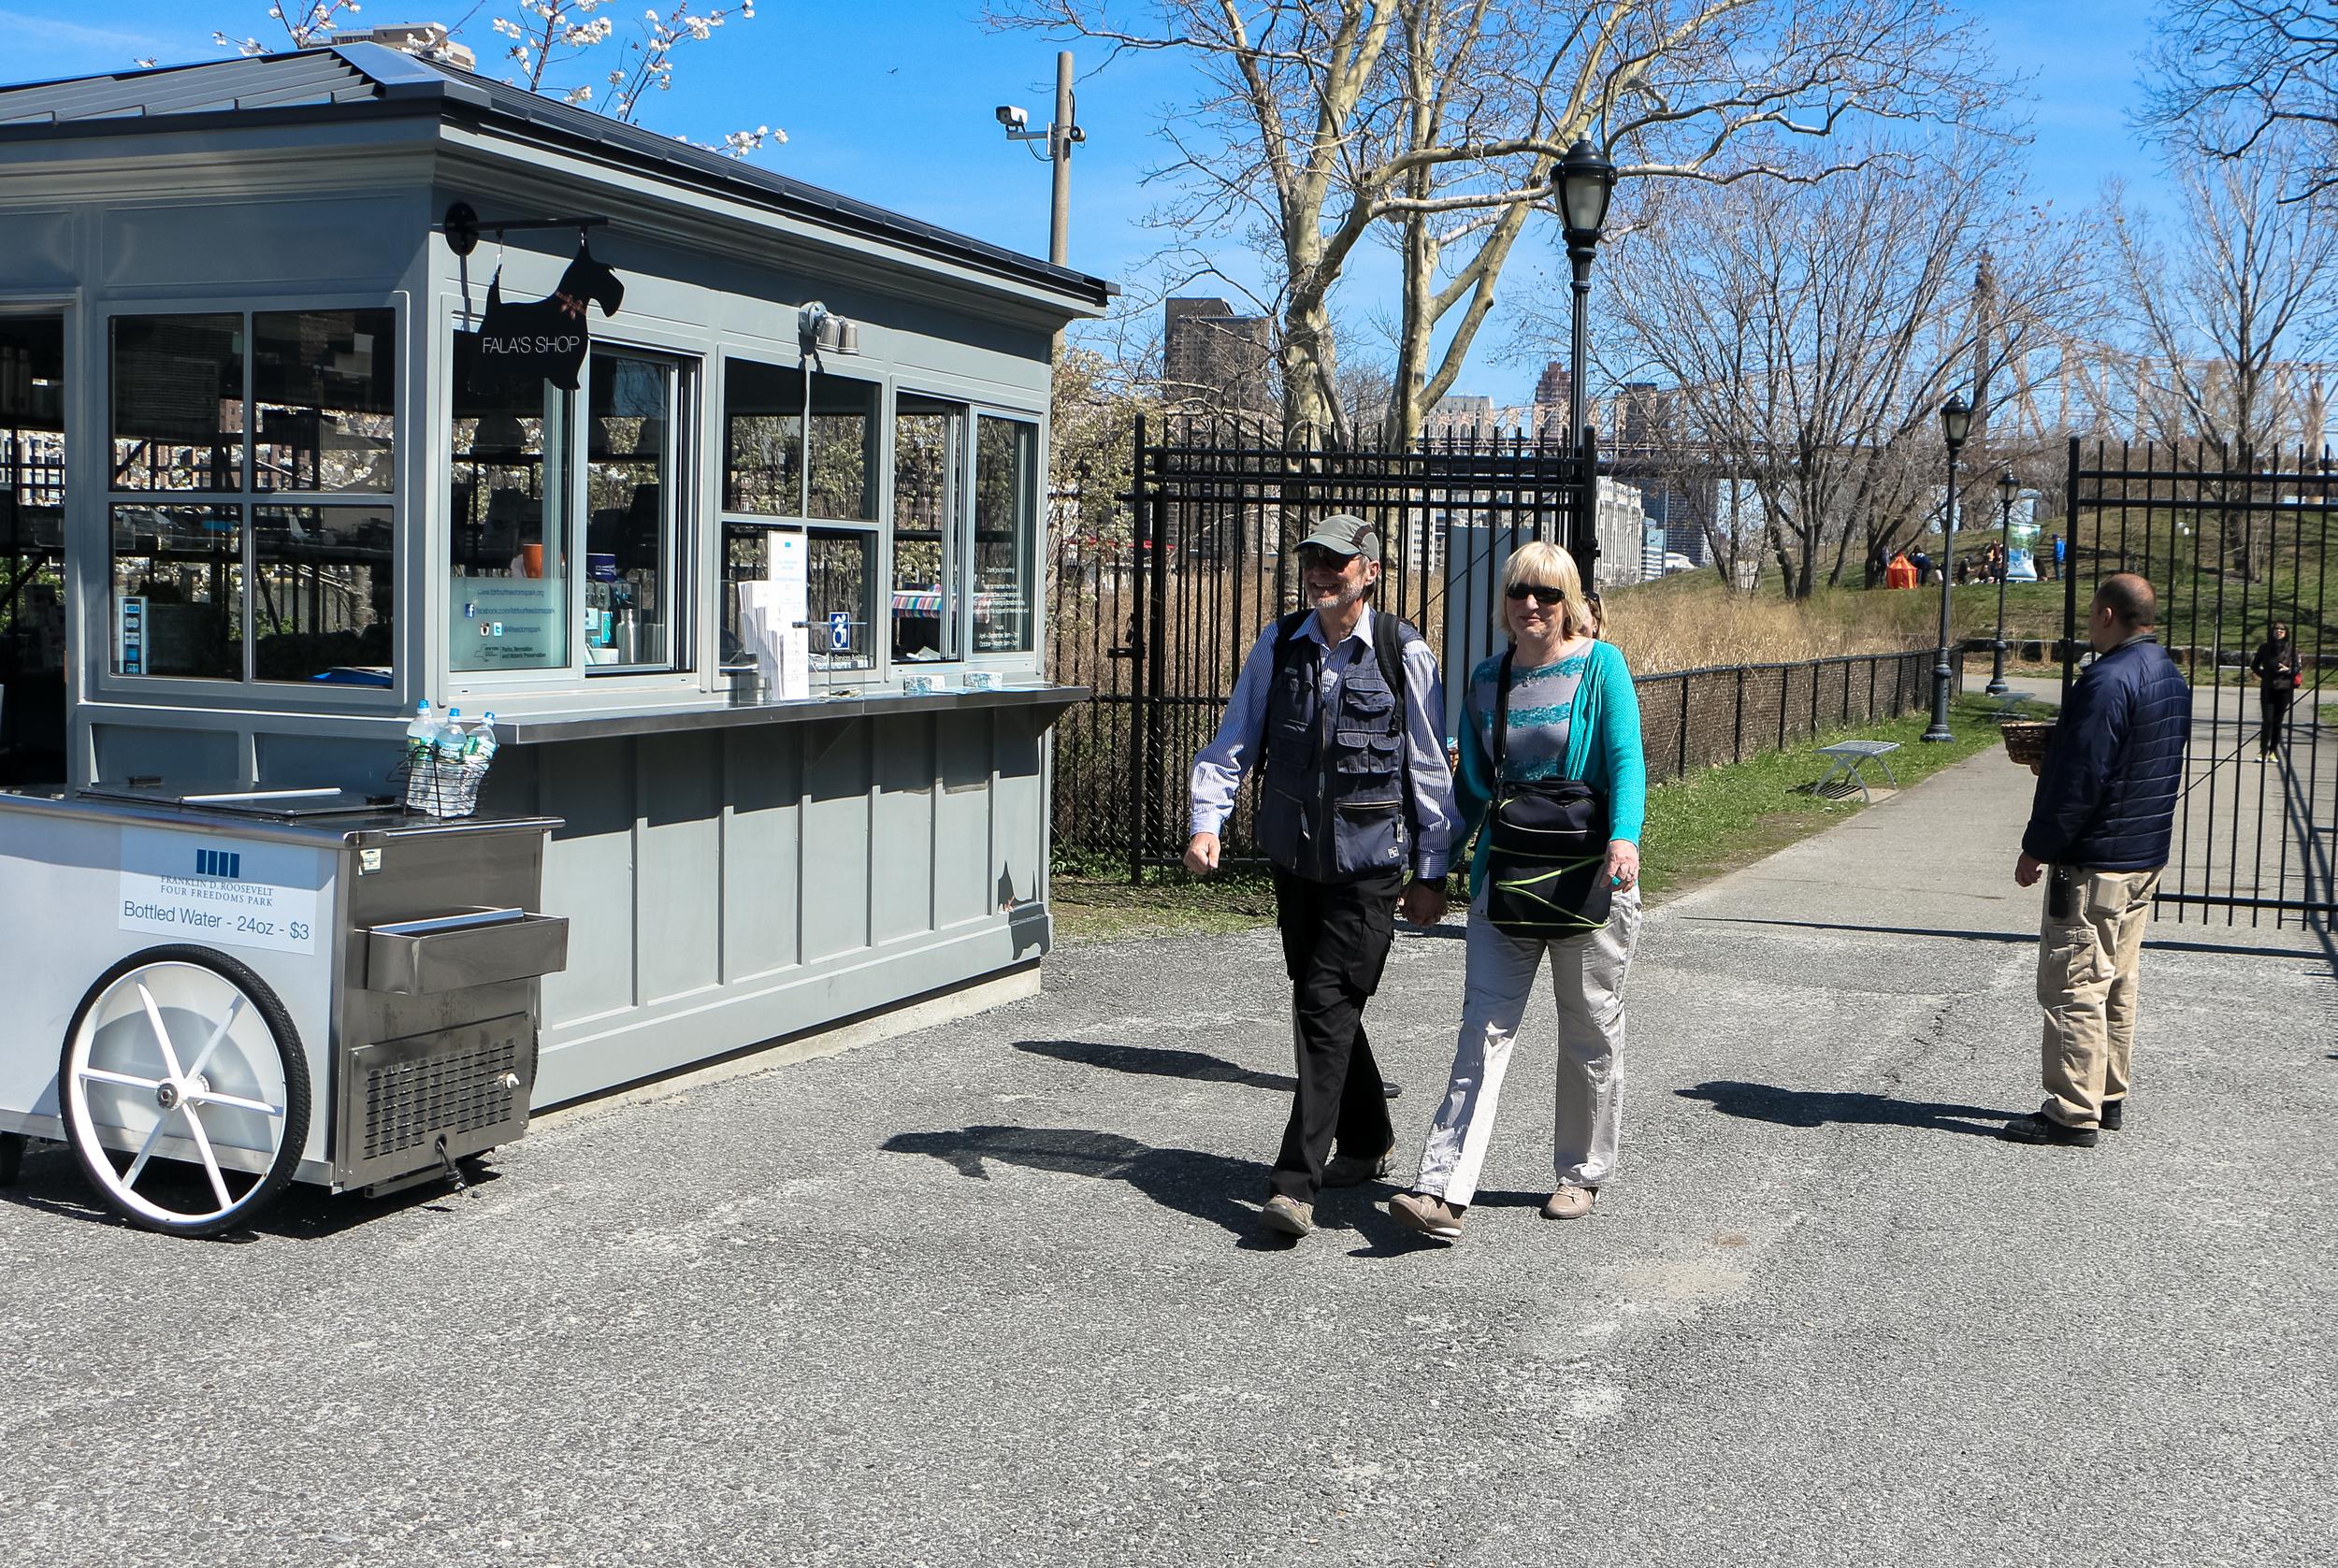 Paul & Edith from Belgium